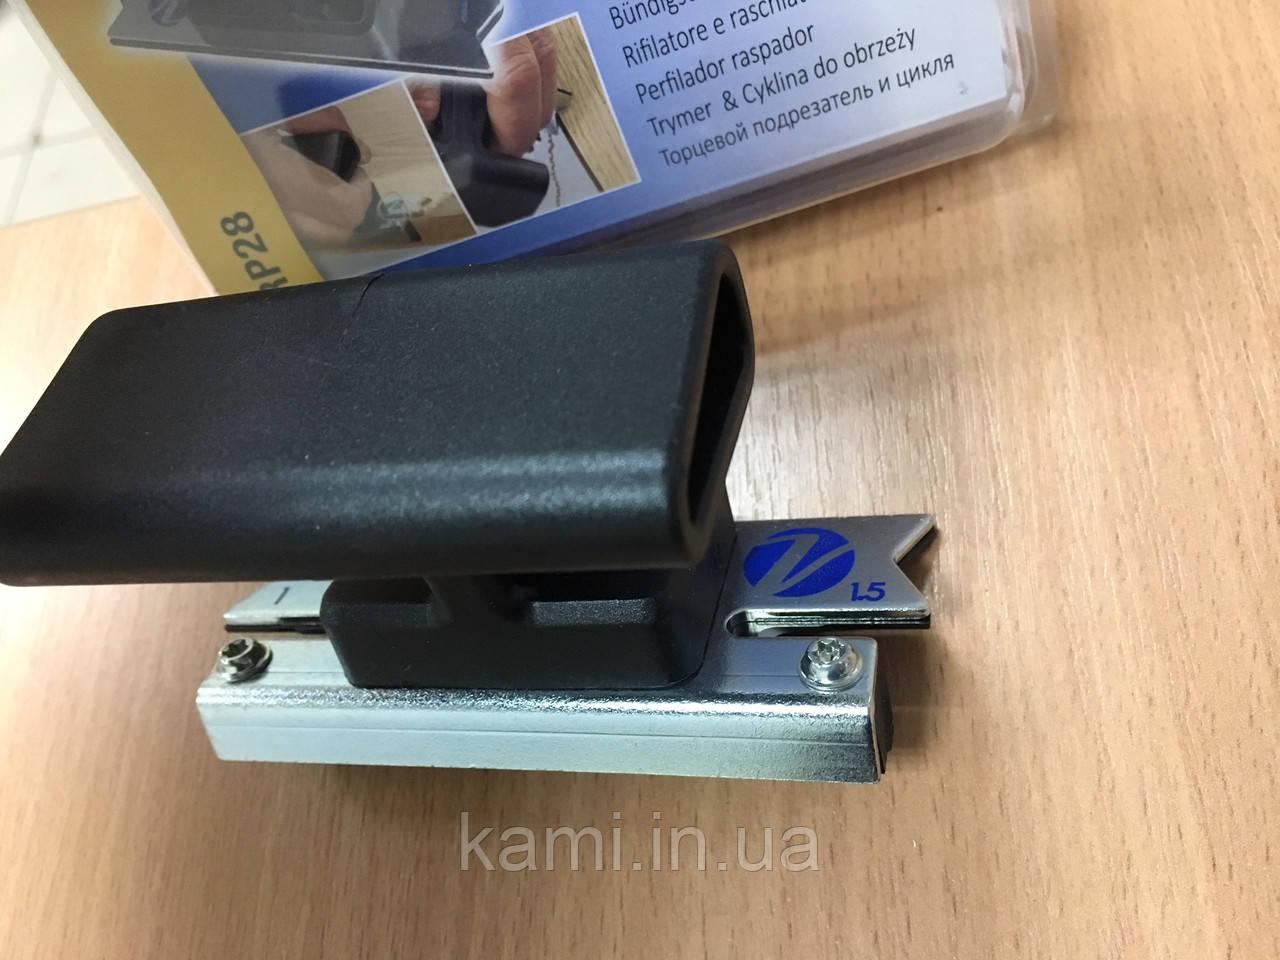 Ручной триммер Virutex RP28